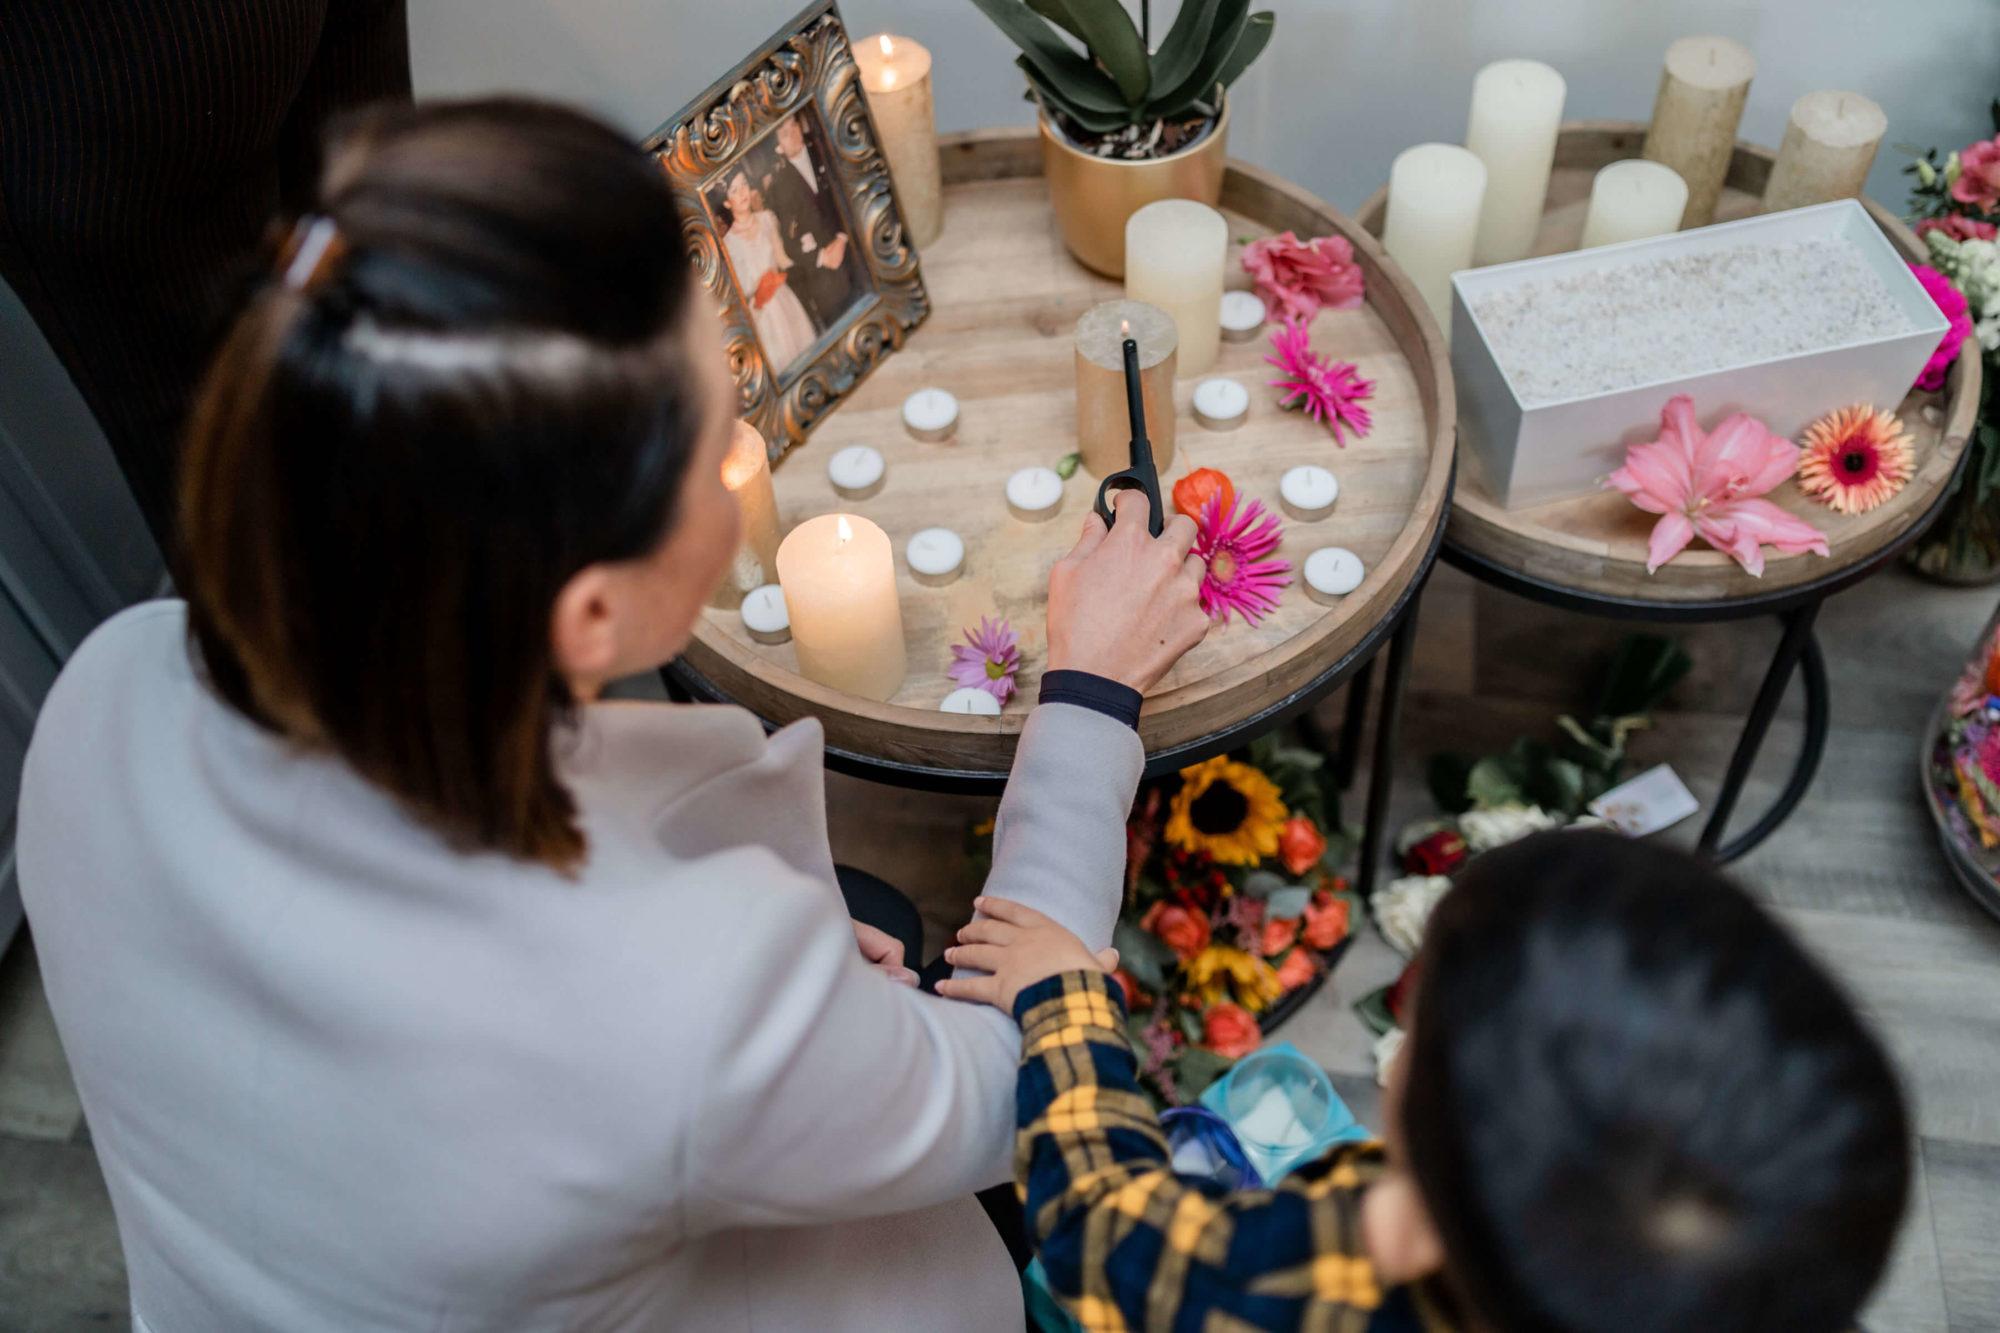 kaarsen aansteken nabestaanden overleden moeder mama kind